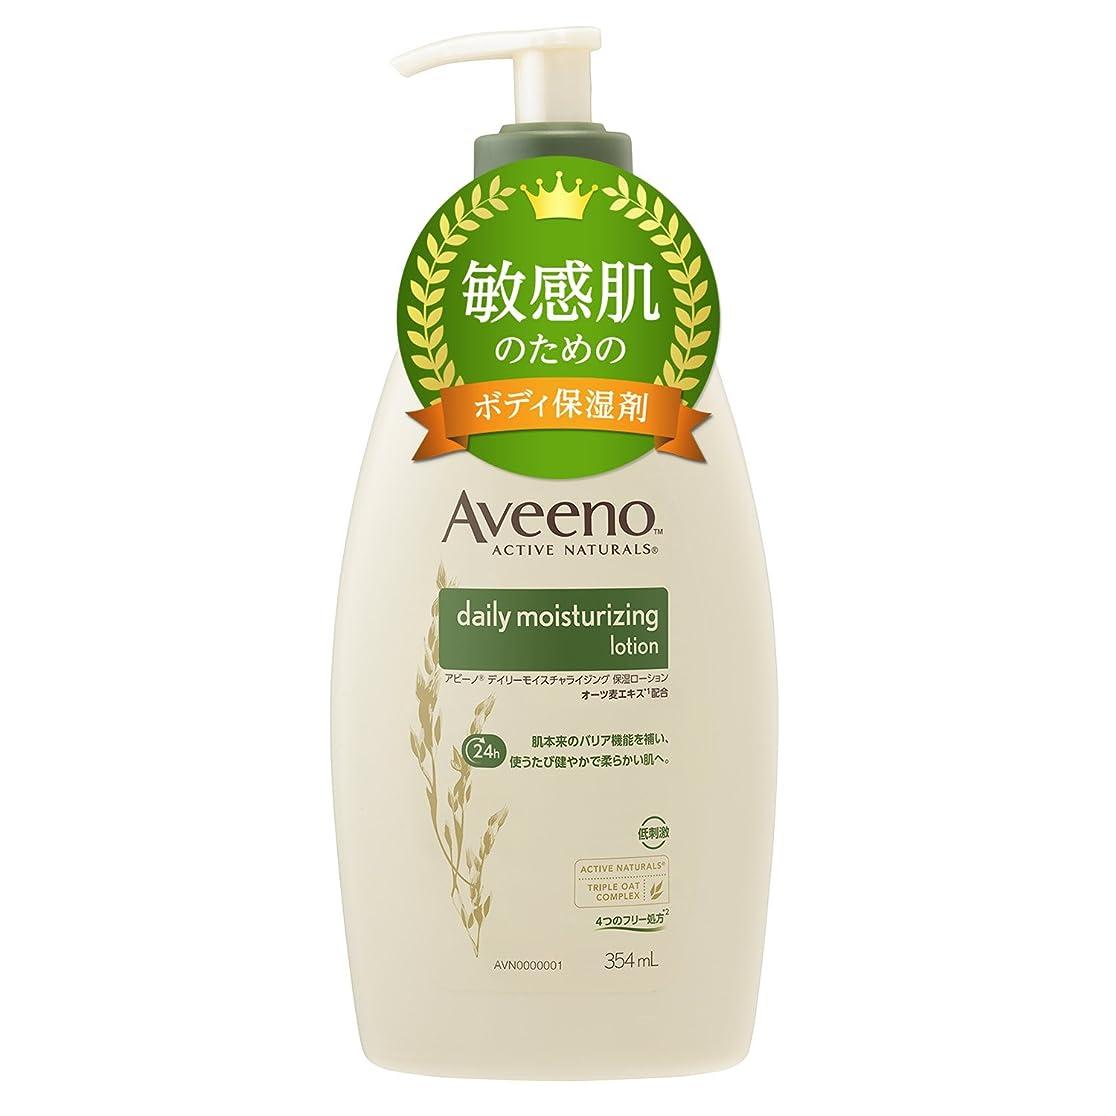 変装したアトラス乱暴な【Amazon.co.jp限定】Aveeno(アビーノ) デイリーモイスチャライジング 保湿ローション 354ml 【敏感肌の方向け】